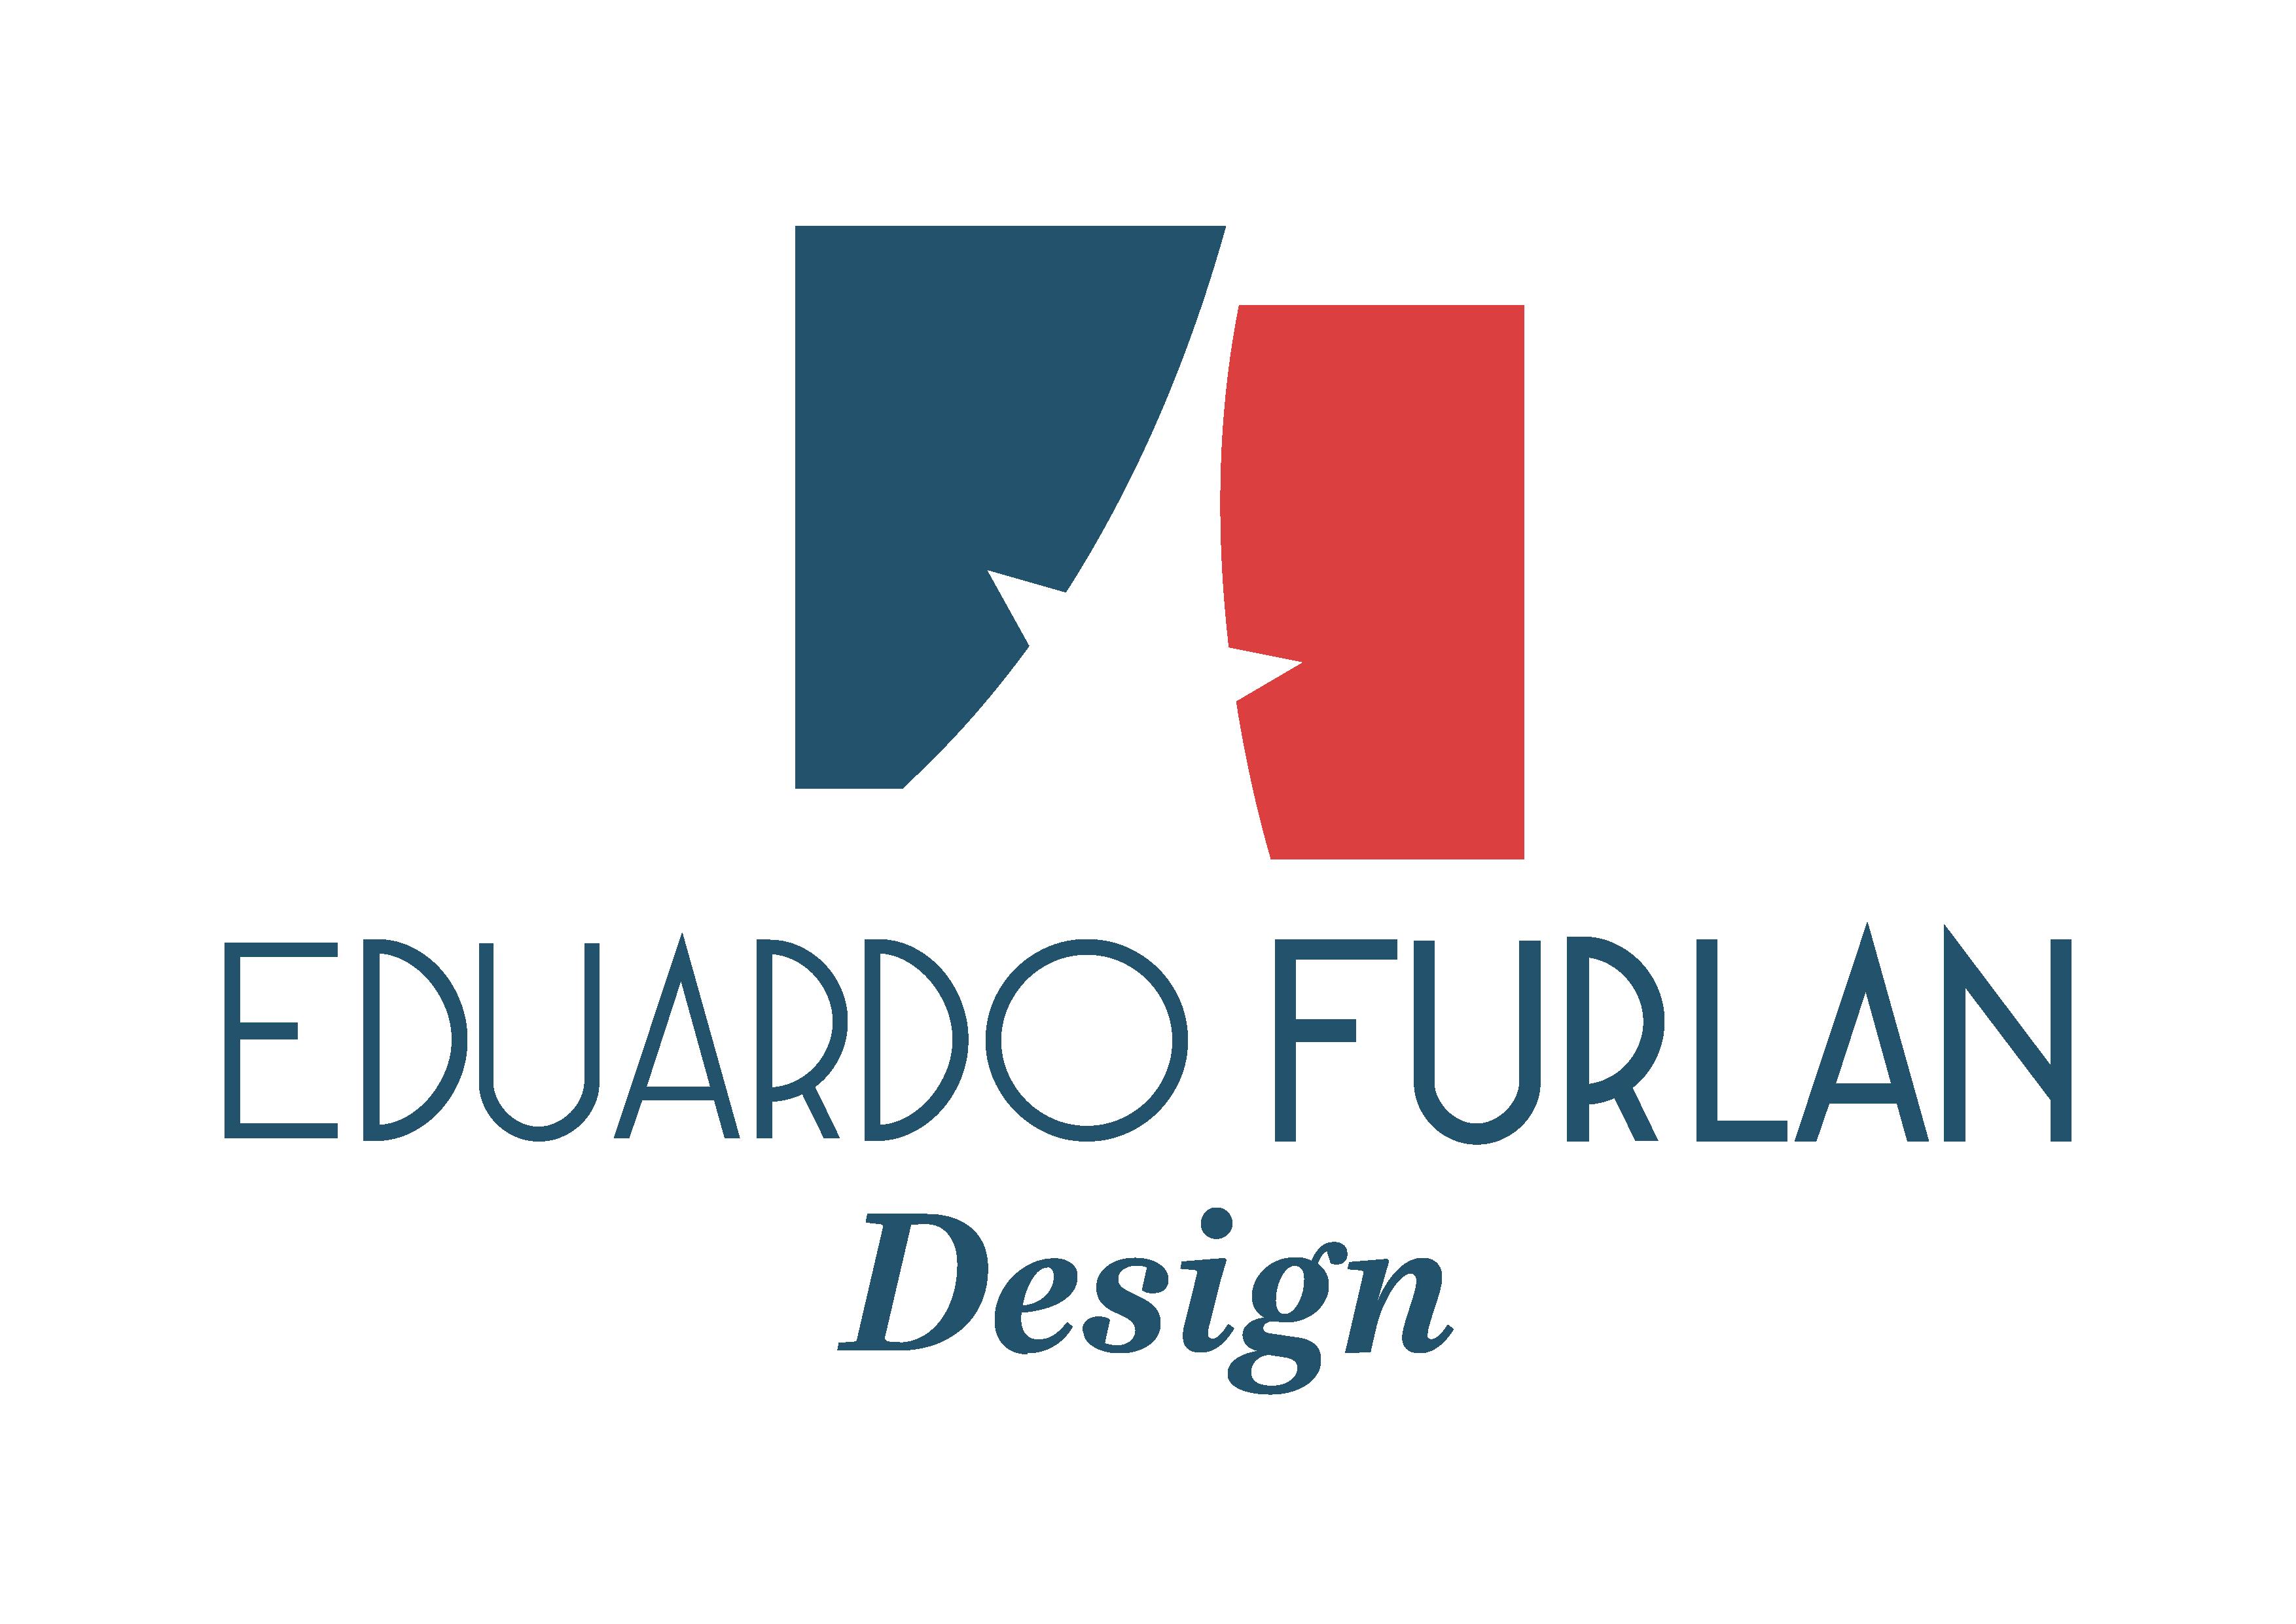 EDUARDO FURLAN DESIGN